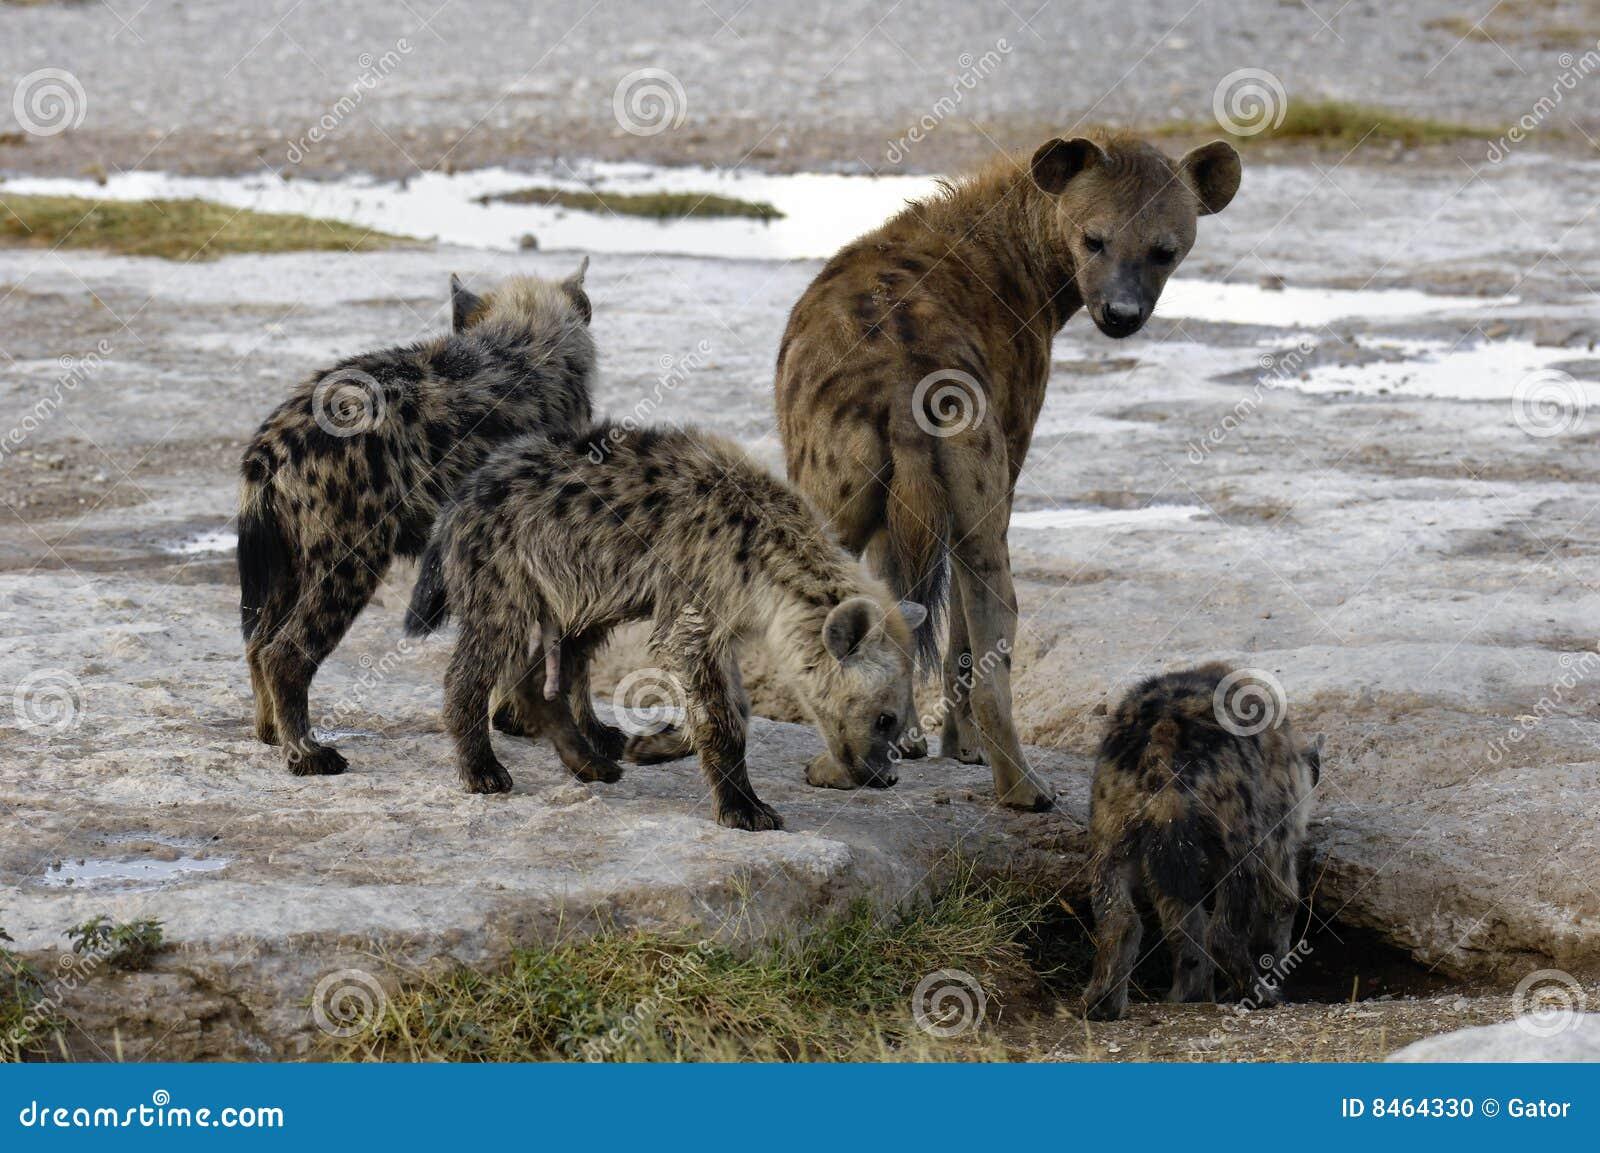 Cubs hyena